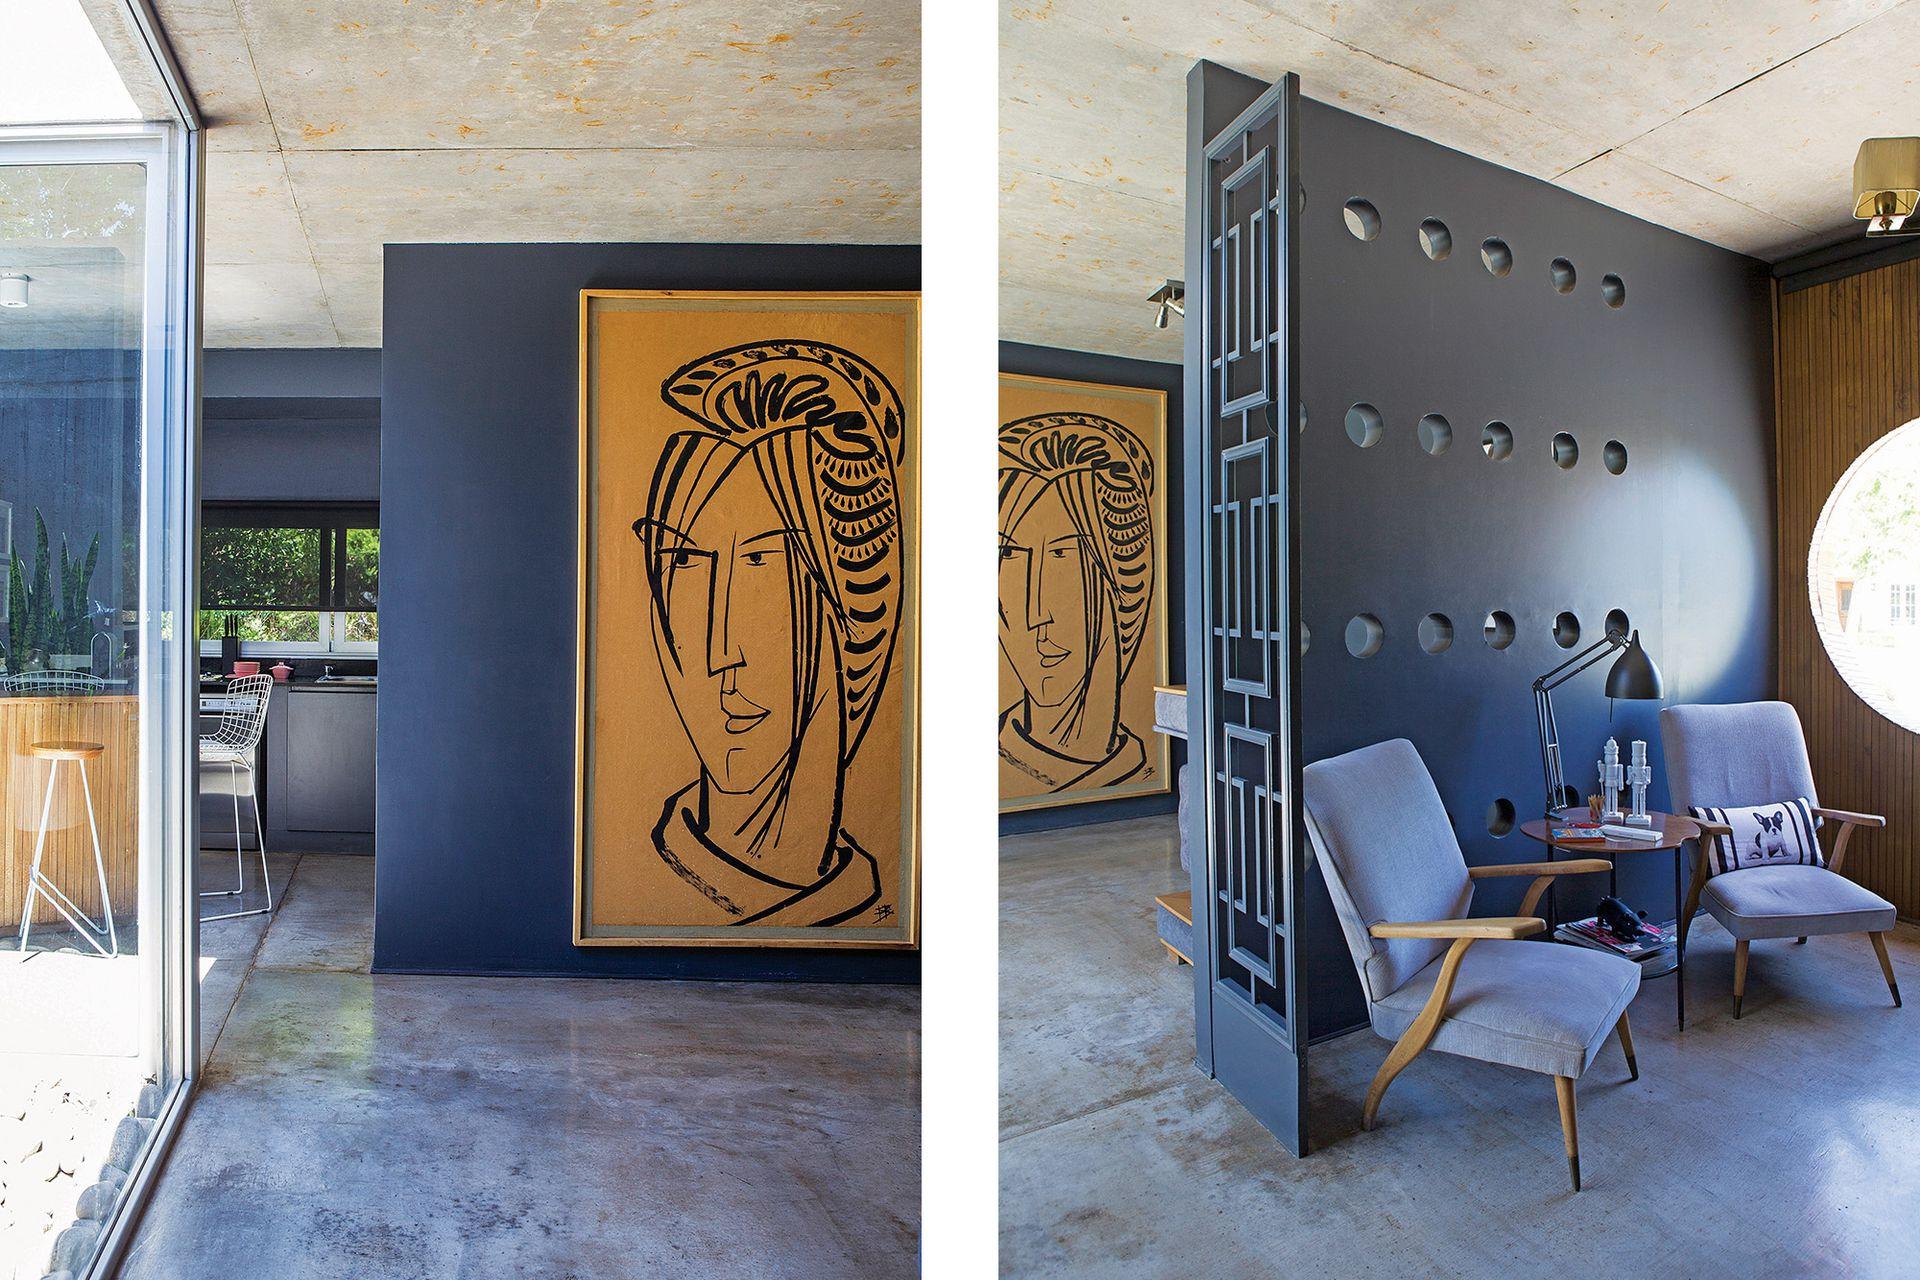 La puerta azul es parte de un biombo antiguo con motivos geométricos; la otra mitad se exhibe en el living como obra de arte.